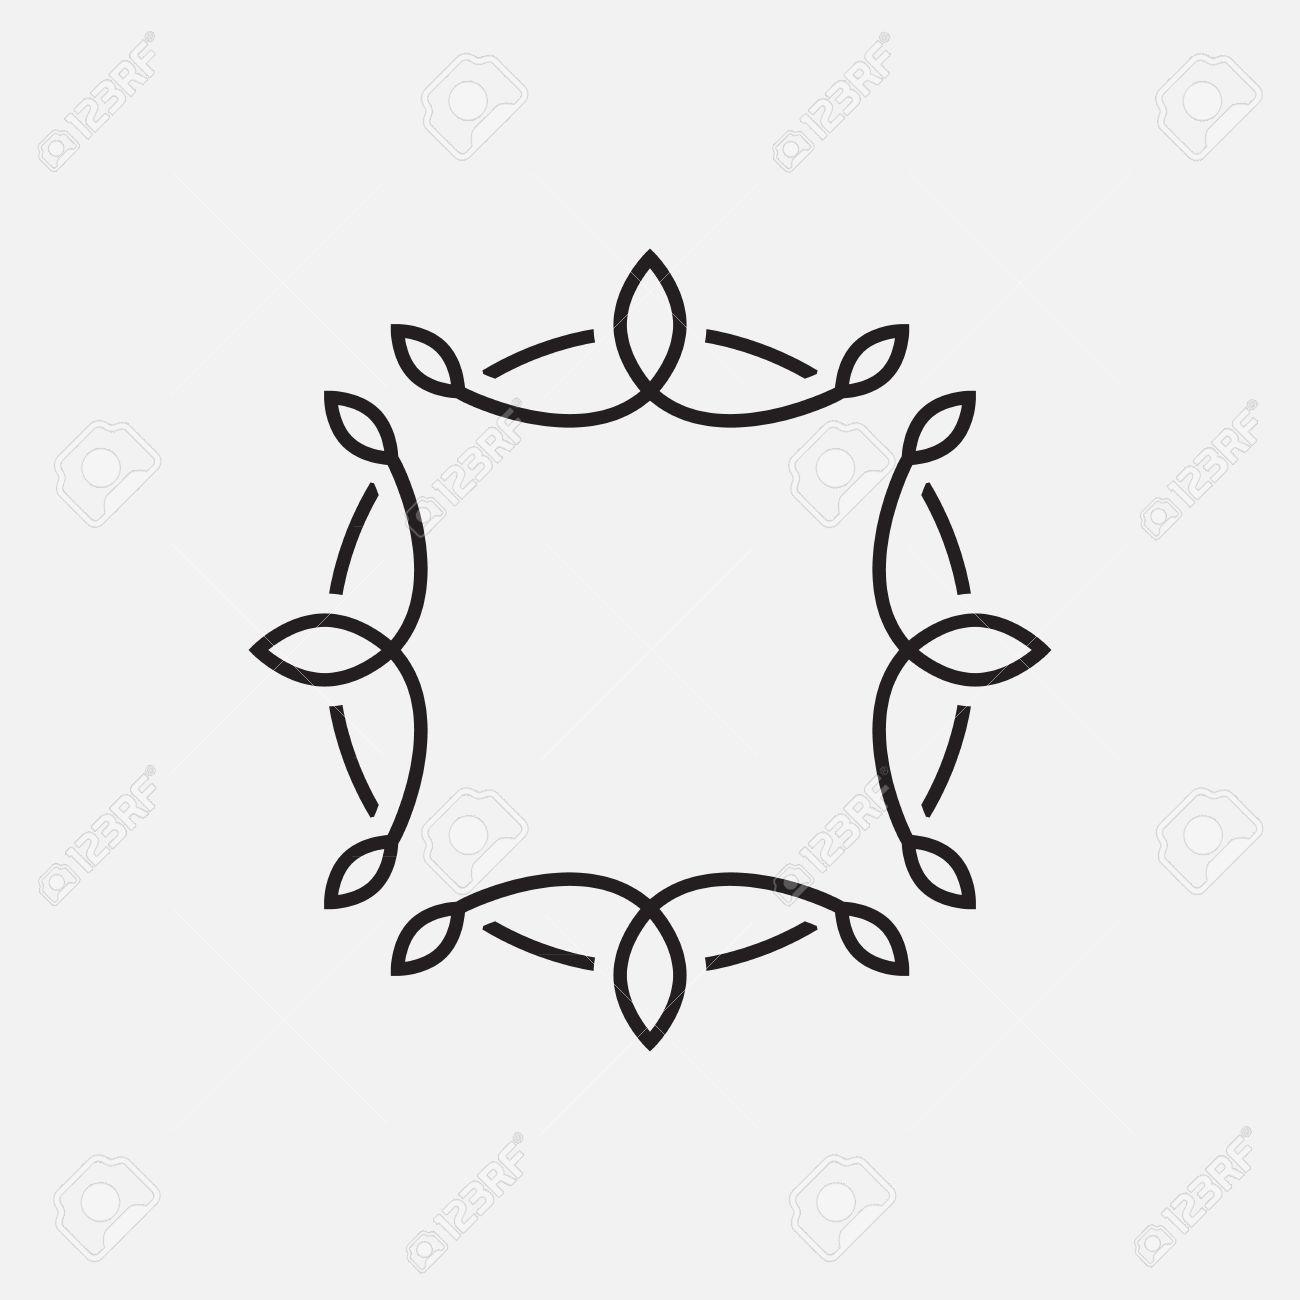 フレーム テンプレート 花飾り シンプルなデザインベクター イラスト